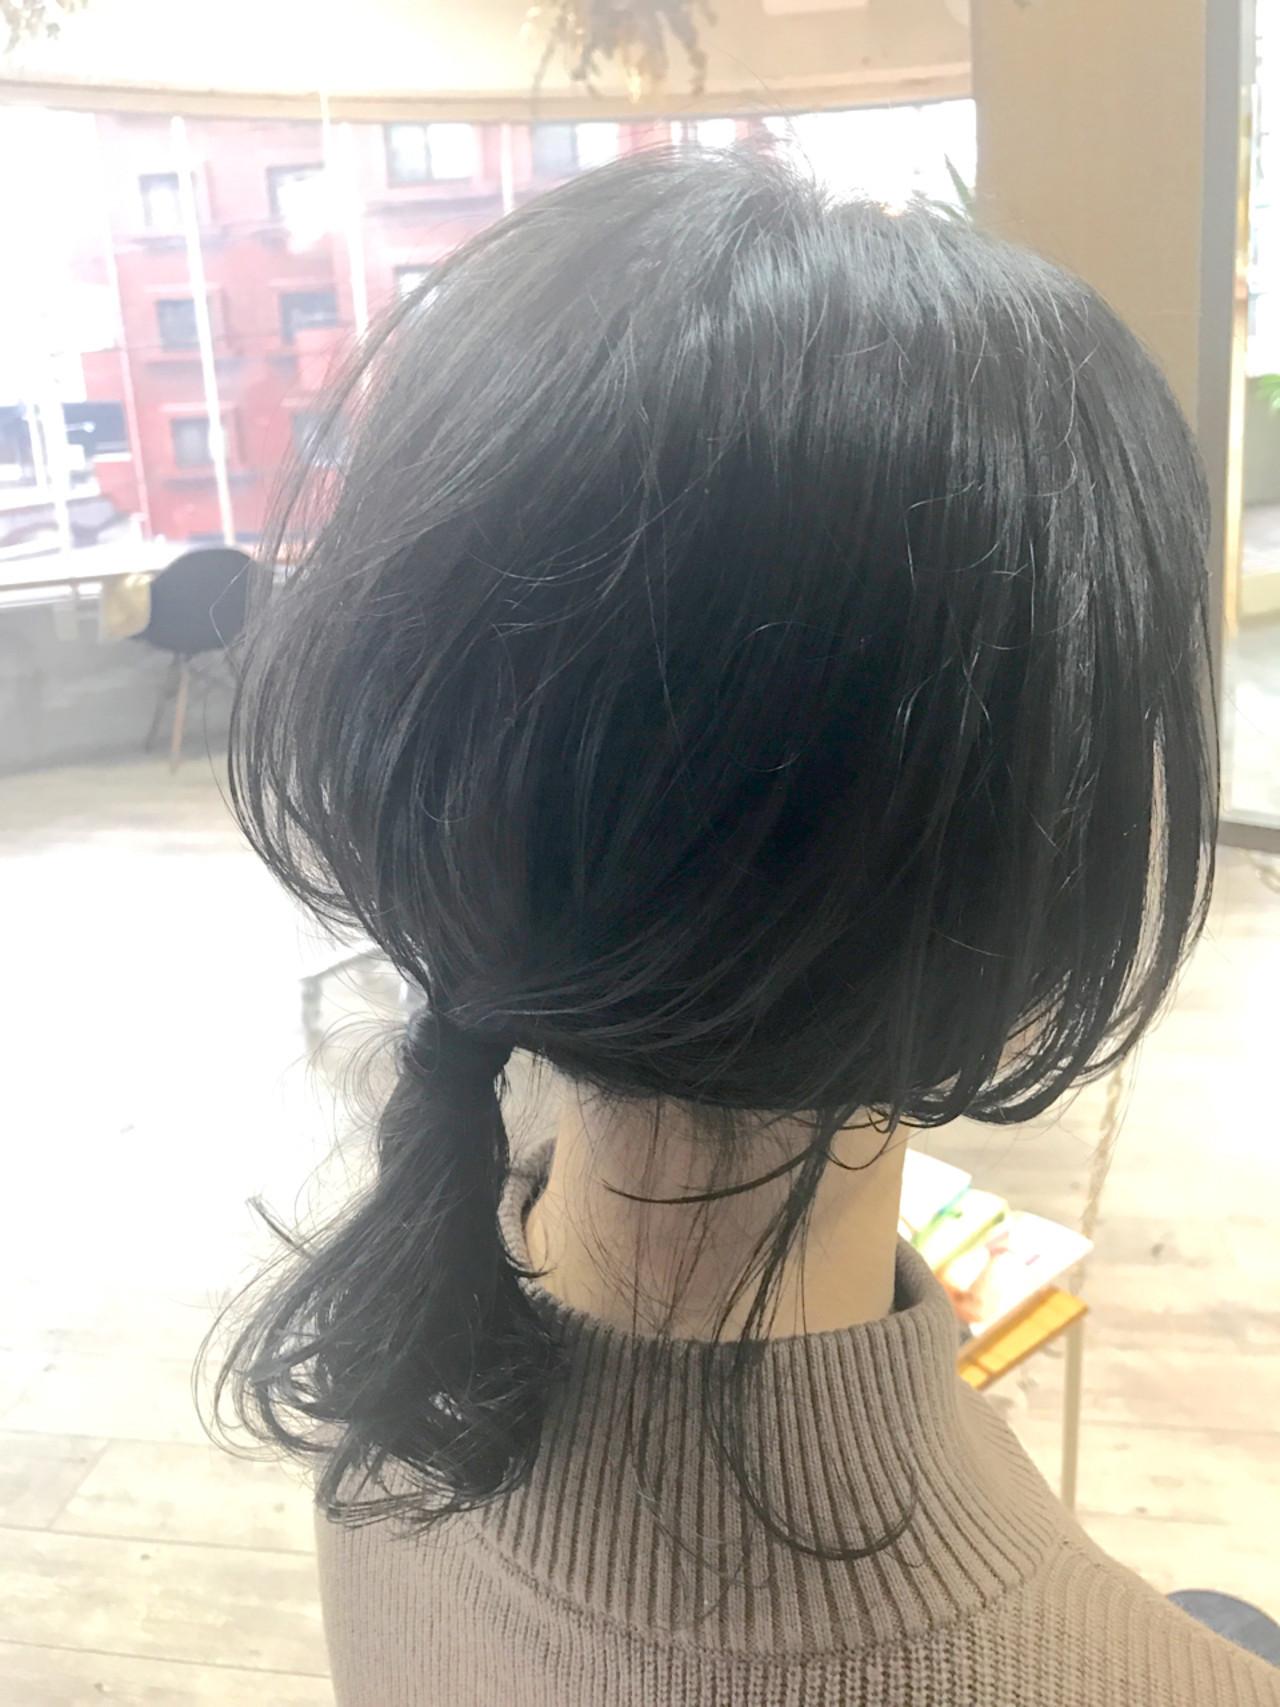 毎日のヘアスタイルに変化を!アップアレンジでおしゃれ度もアップ♡  水江 公一